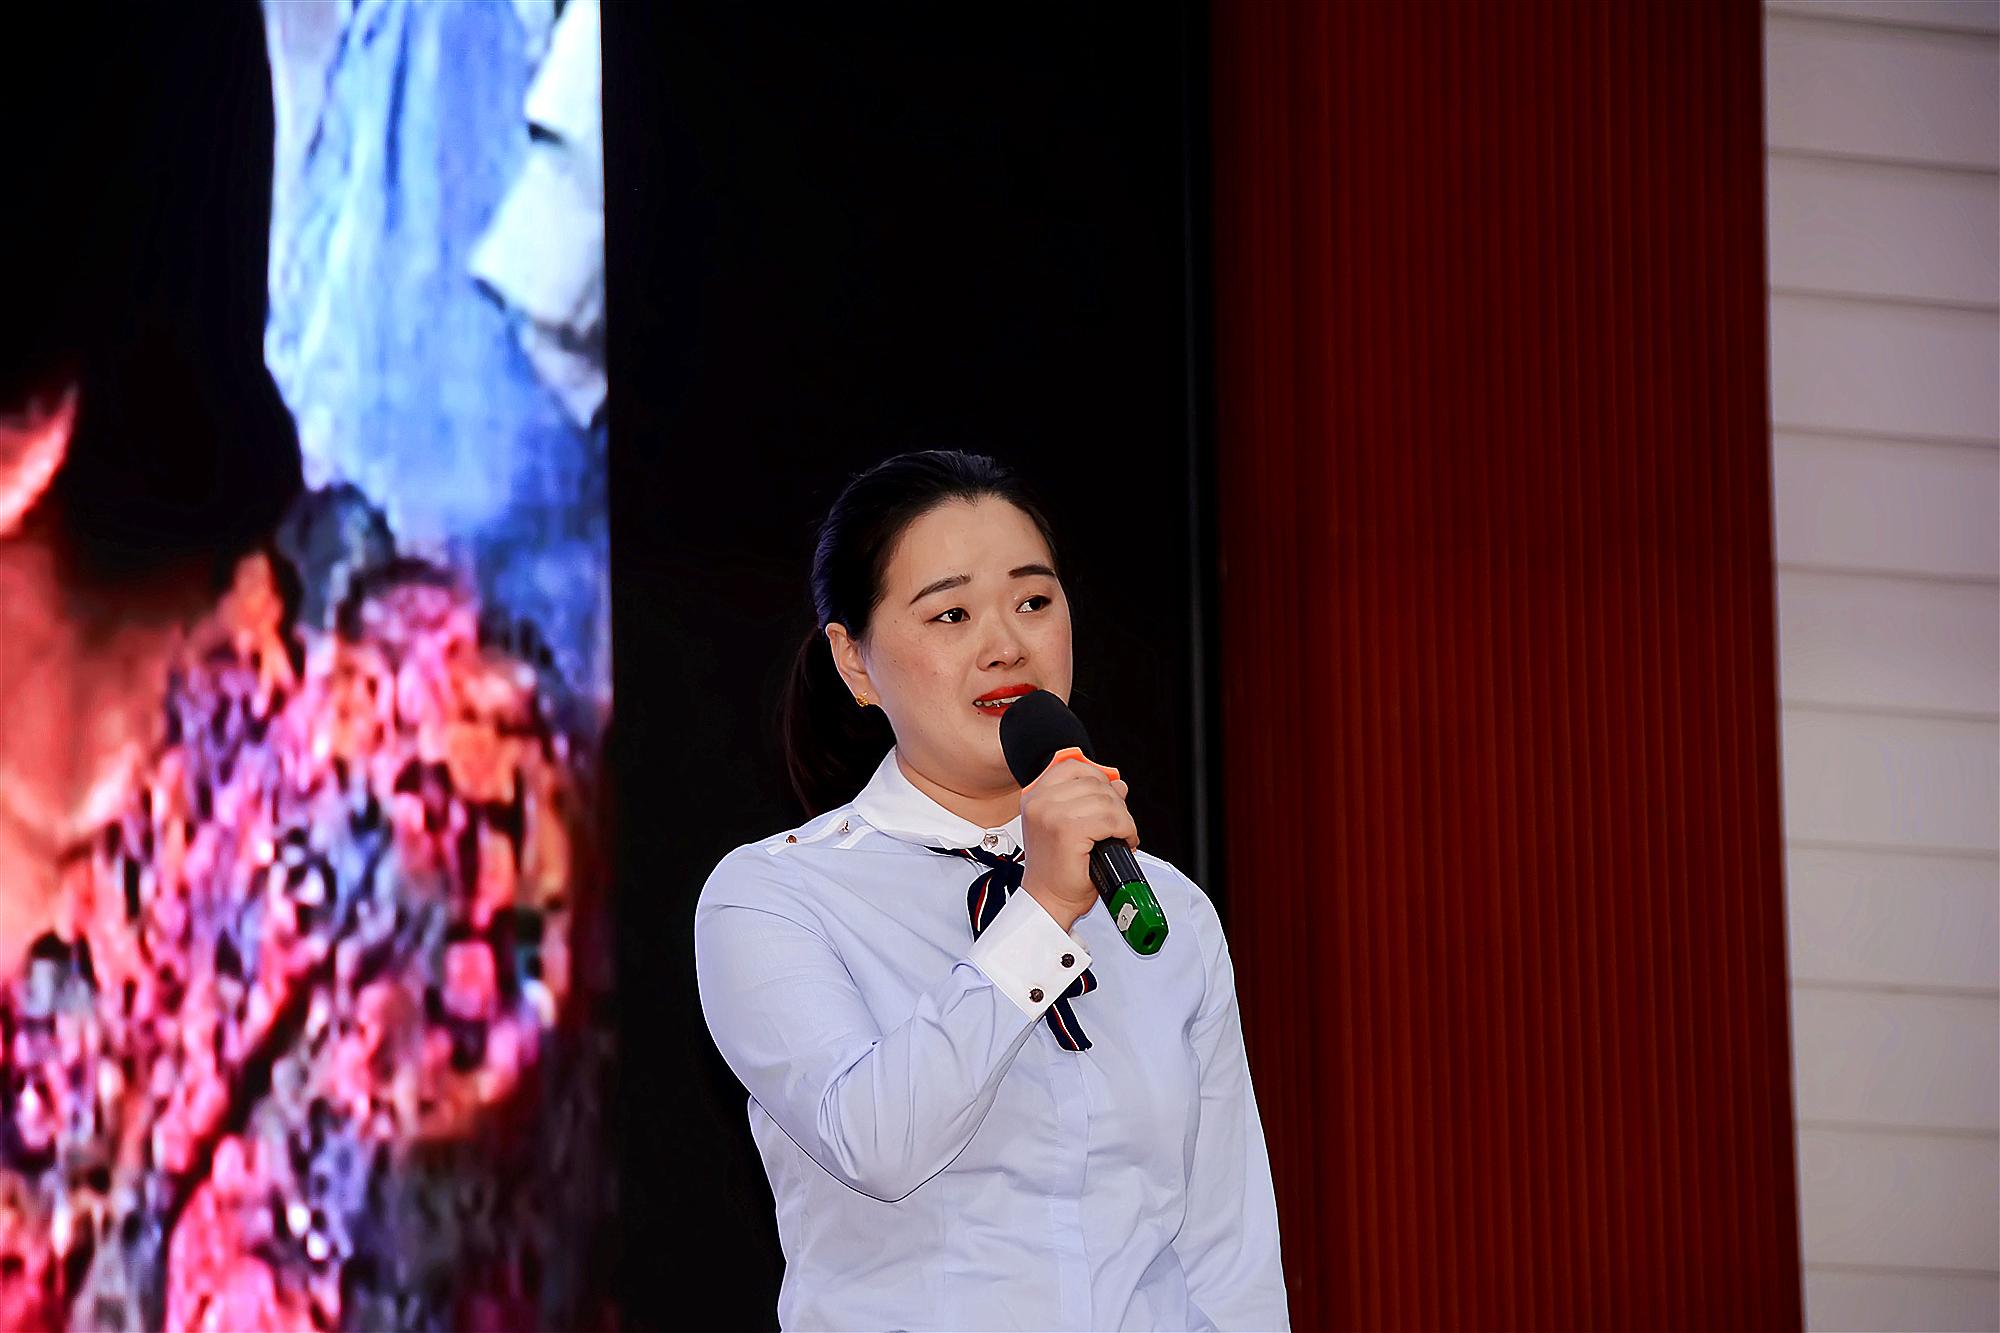 2019.11.25不忘初心,牢记使命主题教育演讲比赛-DSC_5491